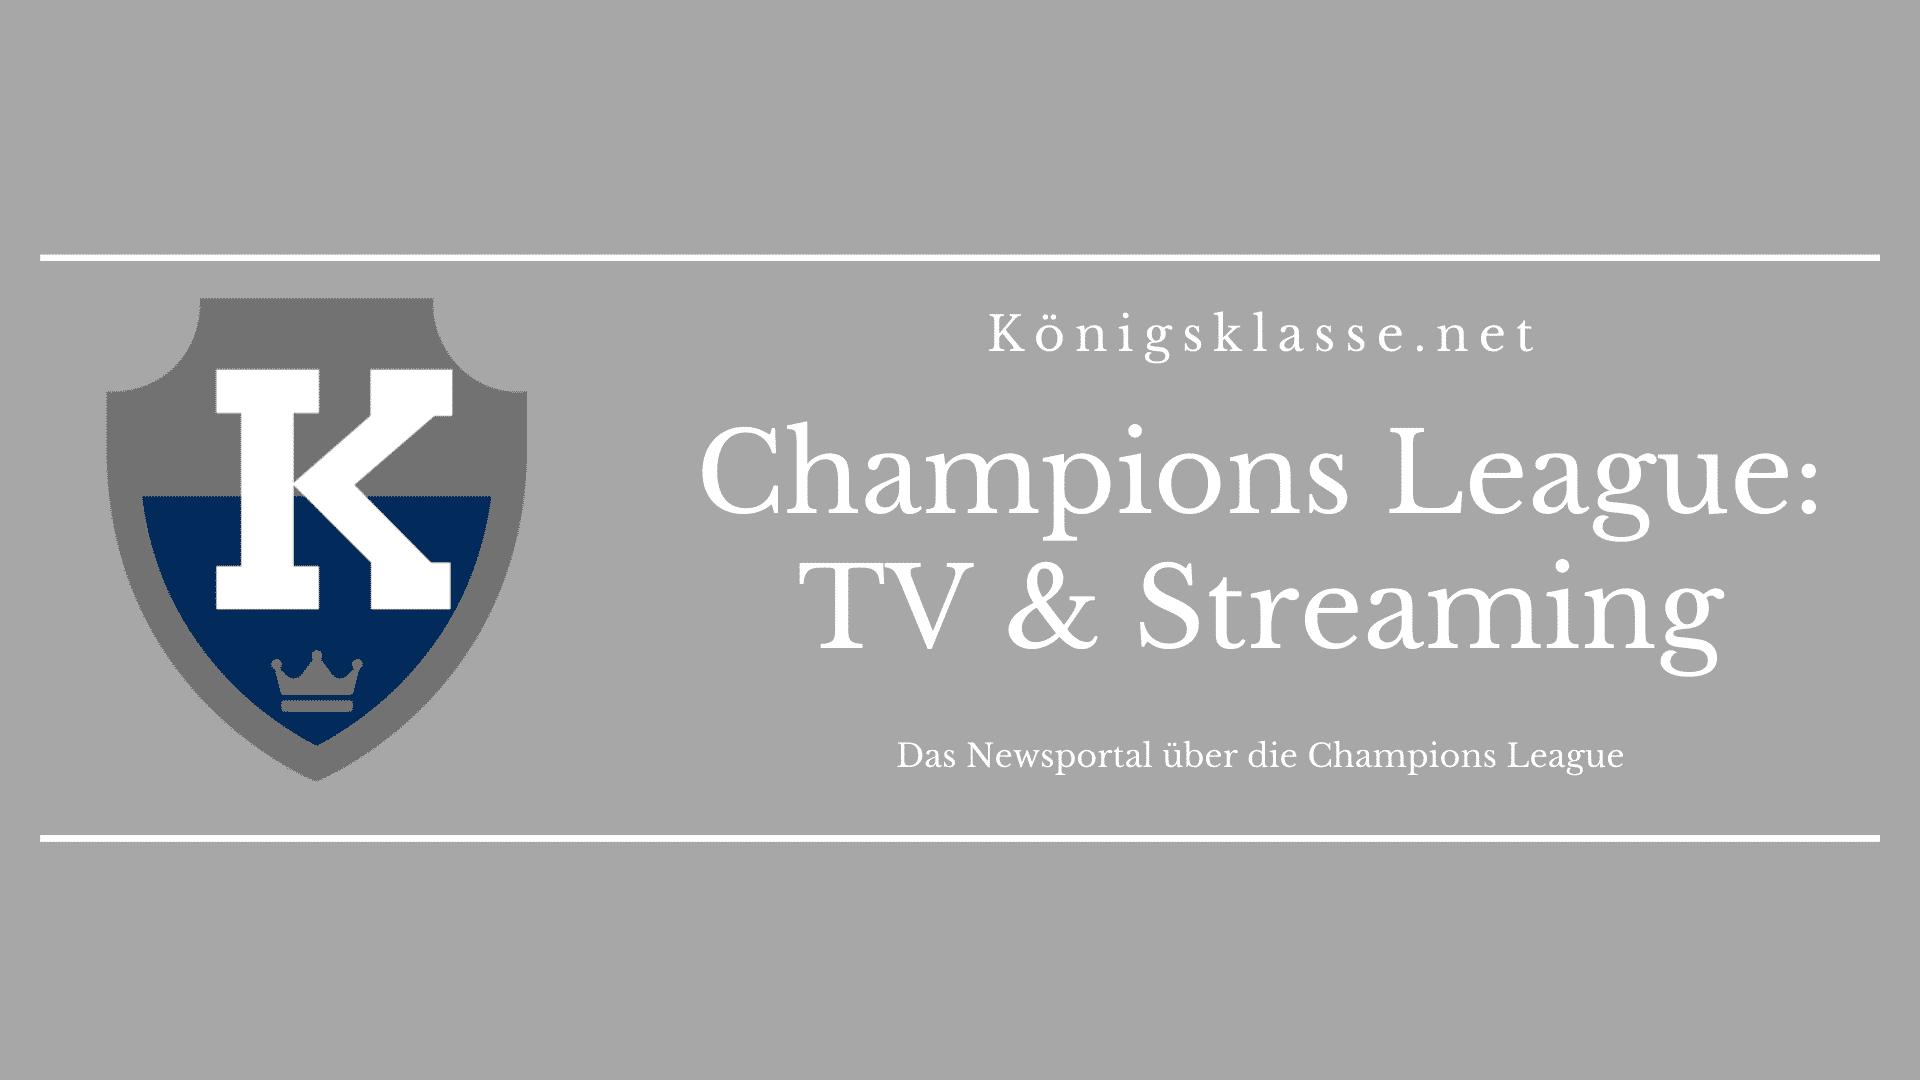 Champions League TV: Die Champions League im TV: TV-Übertragung, Live-Stream, Streaming, Konferenz Stream. Auf dieser Seite informieren wir euch fortlaufend über die Champions League im TV, Champions League im Stream, Champions-League-Übertragungen, Champions-League-Rechte ab 2021 und Champions League auf Sky, DAZN, Amazon oder im ZDF.